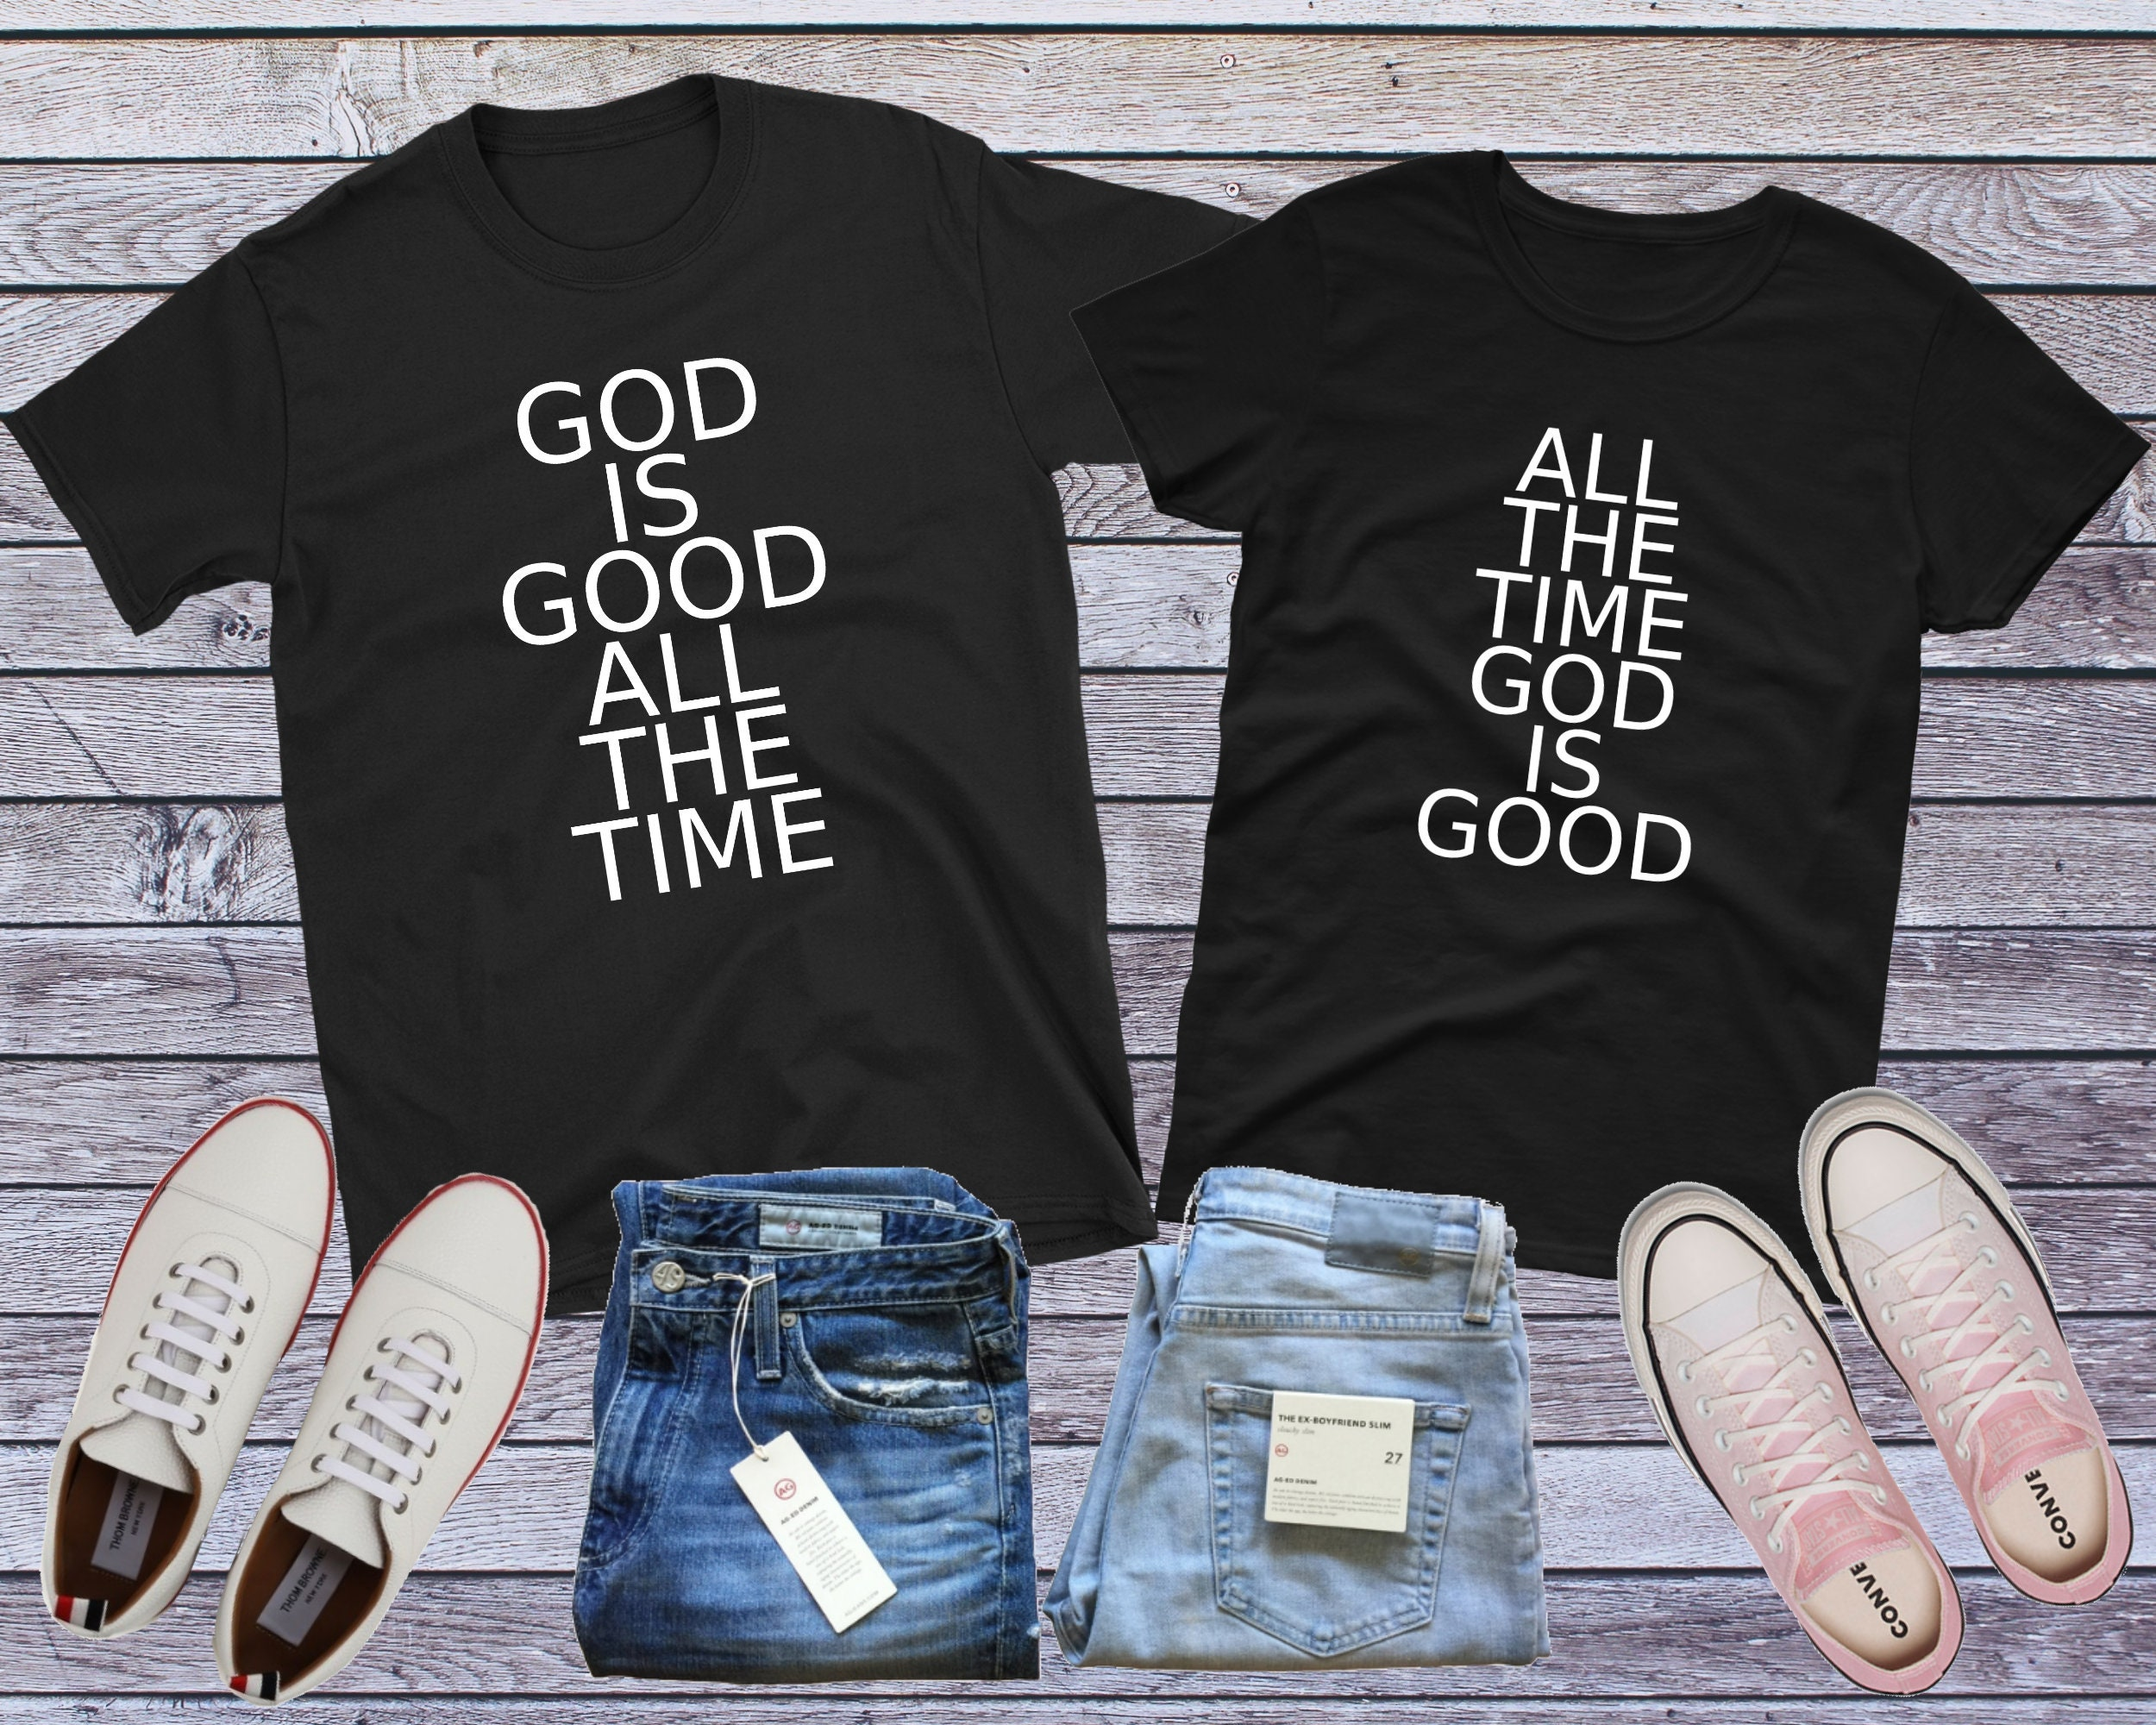 a508f33796 Christian Couple Shirts Matching Couple Shirts Christian | Etsy